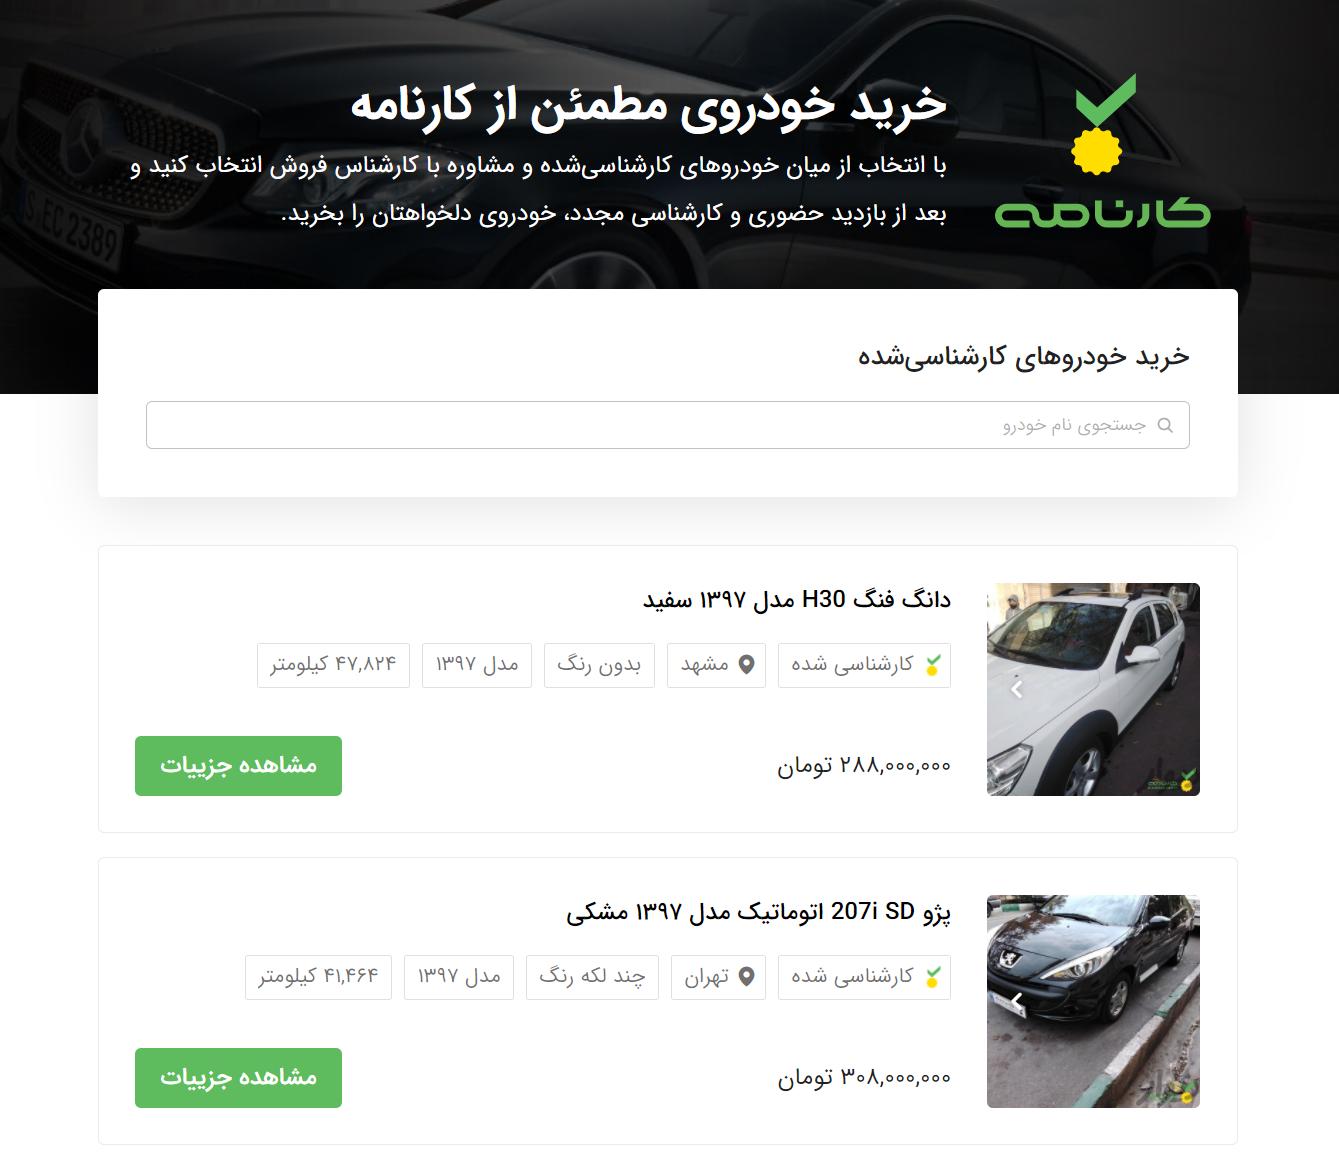 خدمات «خرید خودروی کارشناسیشده» چیست؟